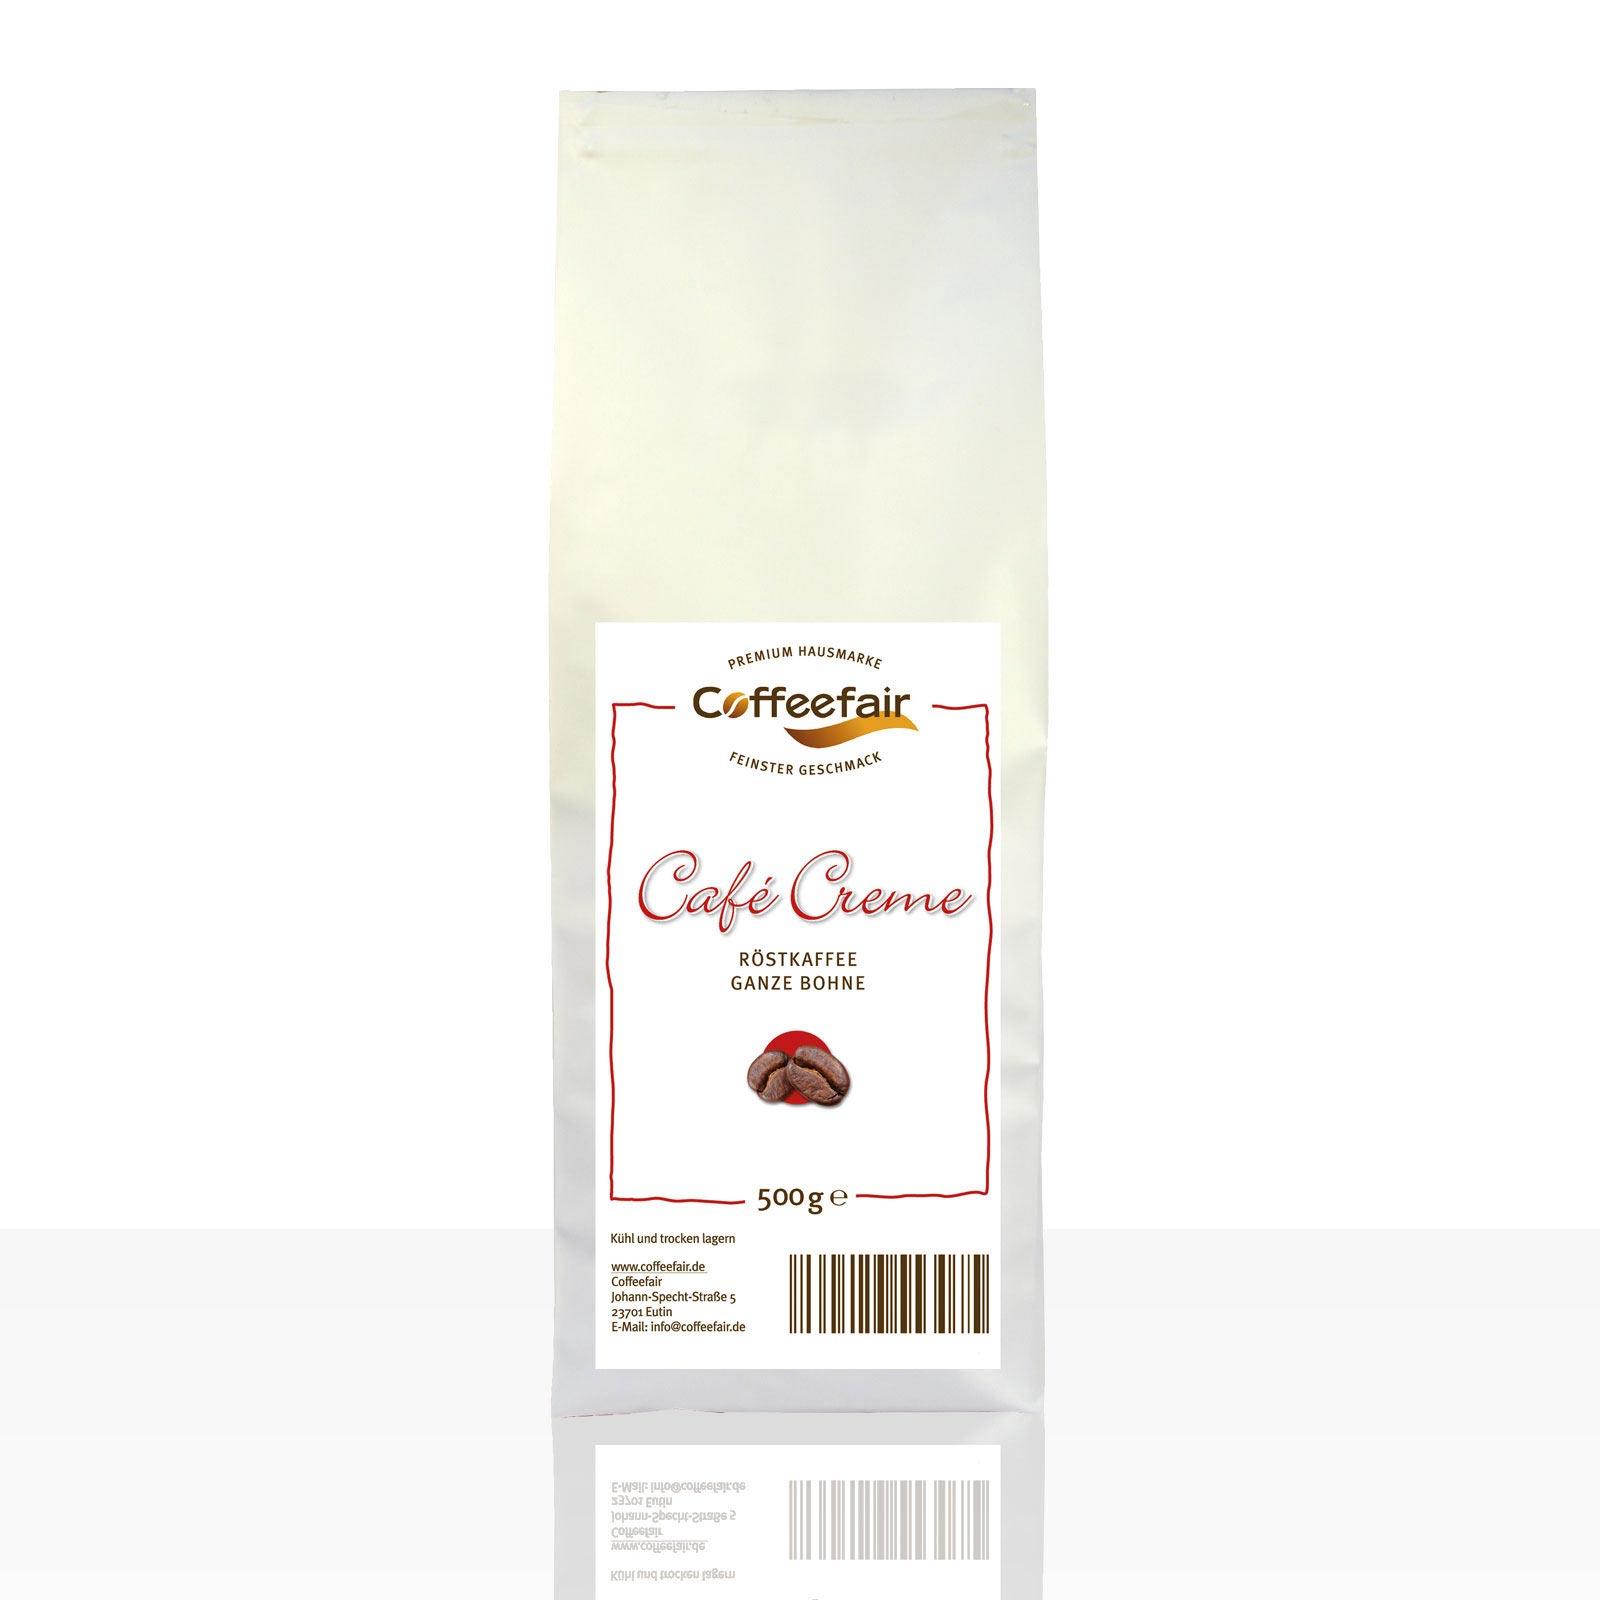 Coffeefair Cafe Creme 8 x 500g ganze Kaffee-Bohnen Barista Qualität